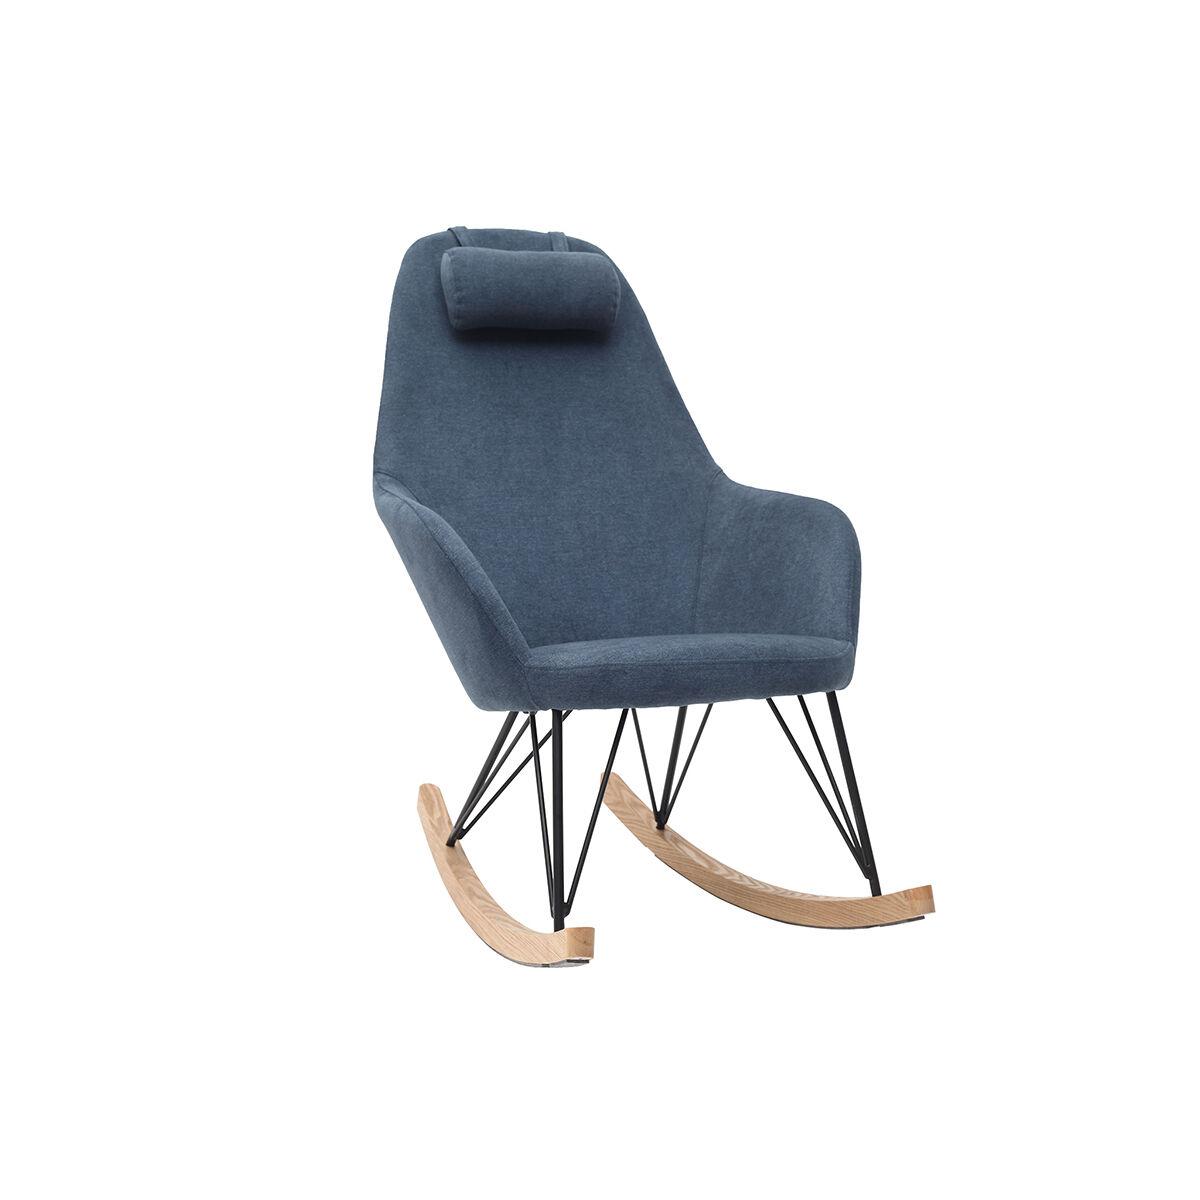 Miliboo Rocking chair en tissu effet velours bleu avec pieds métal et bois JHENE